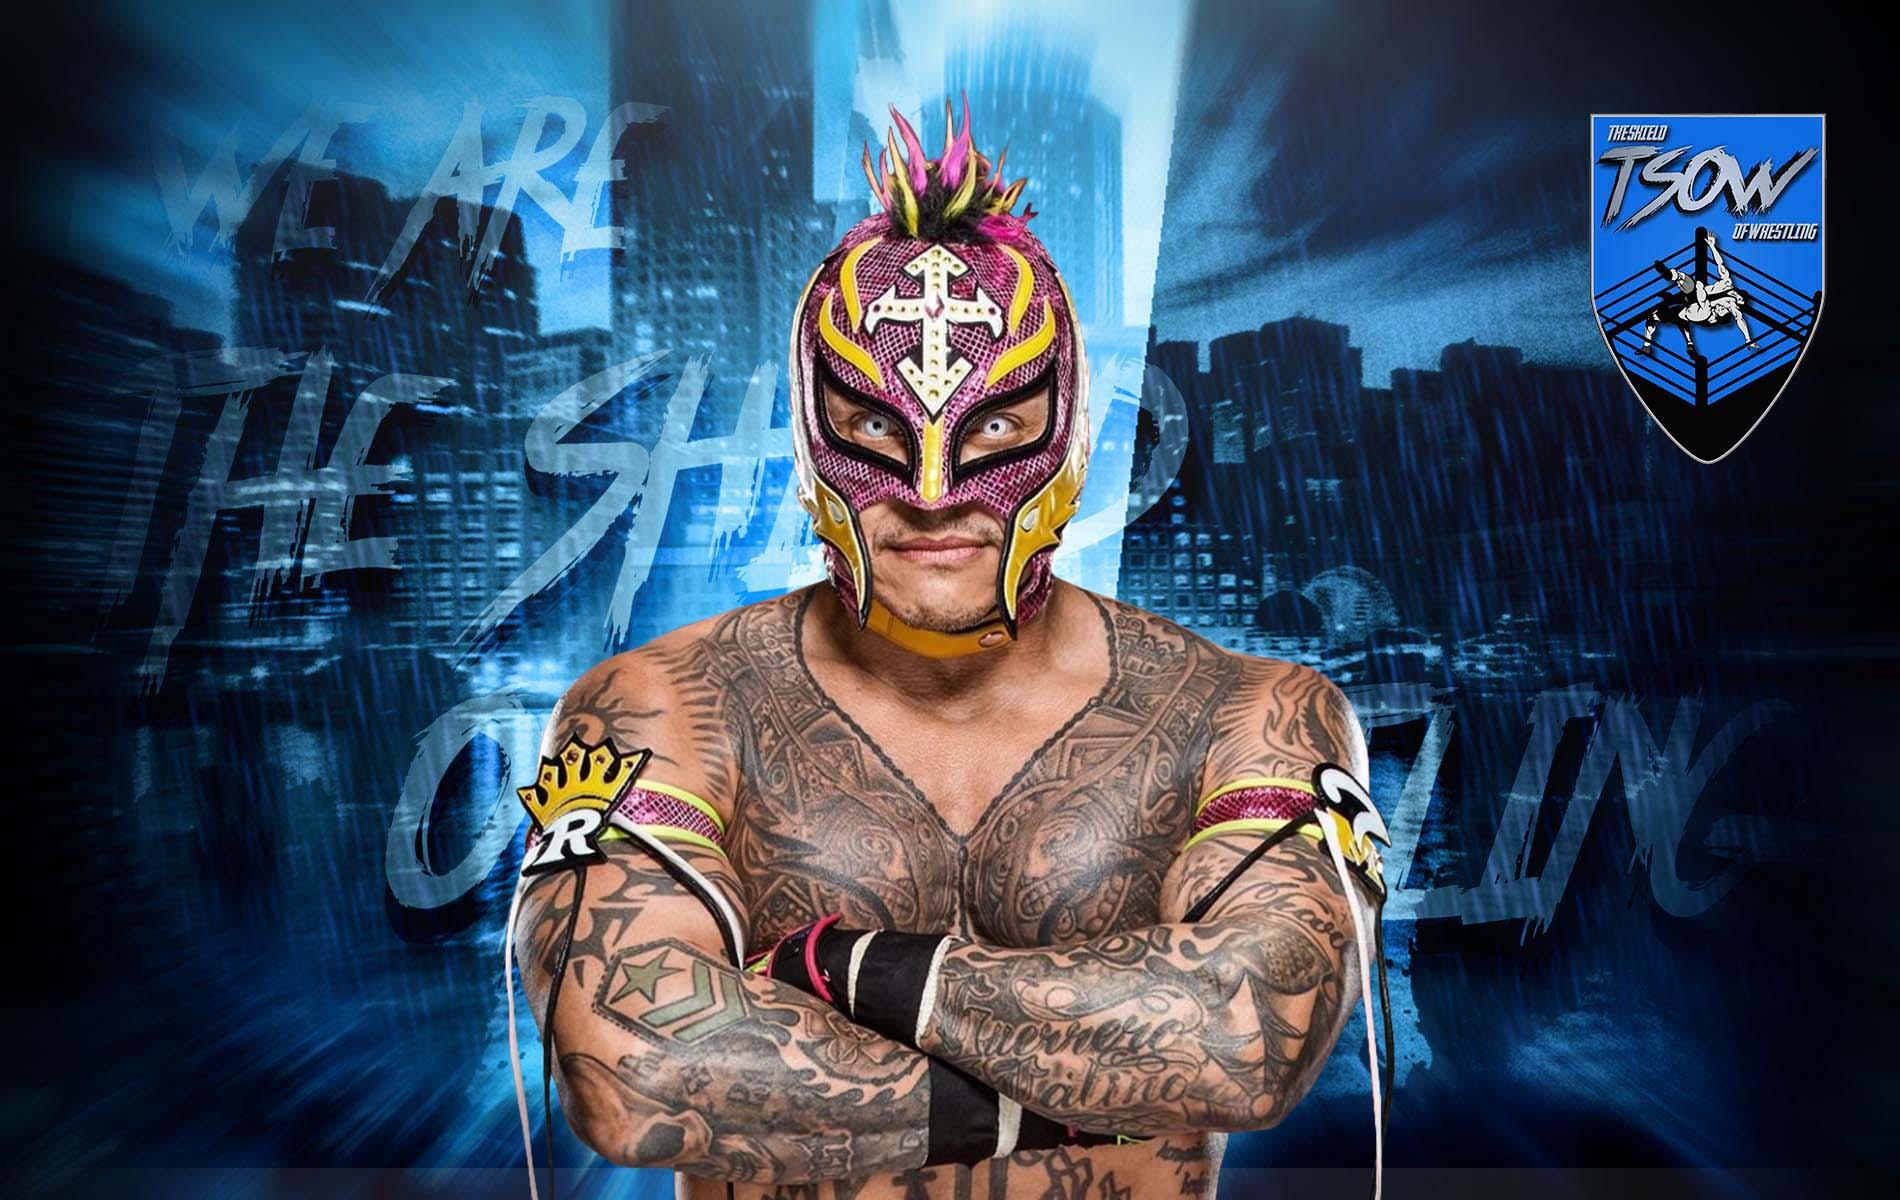 Rey Mysterio discute di un vecchio match contro Big Show